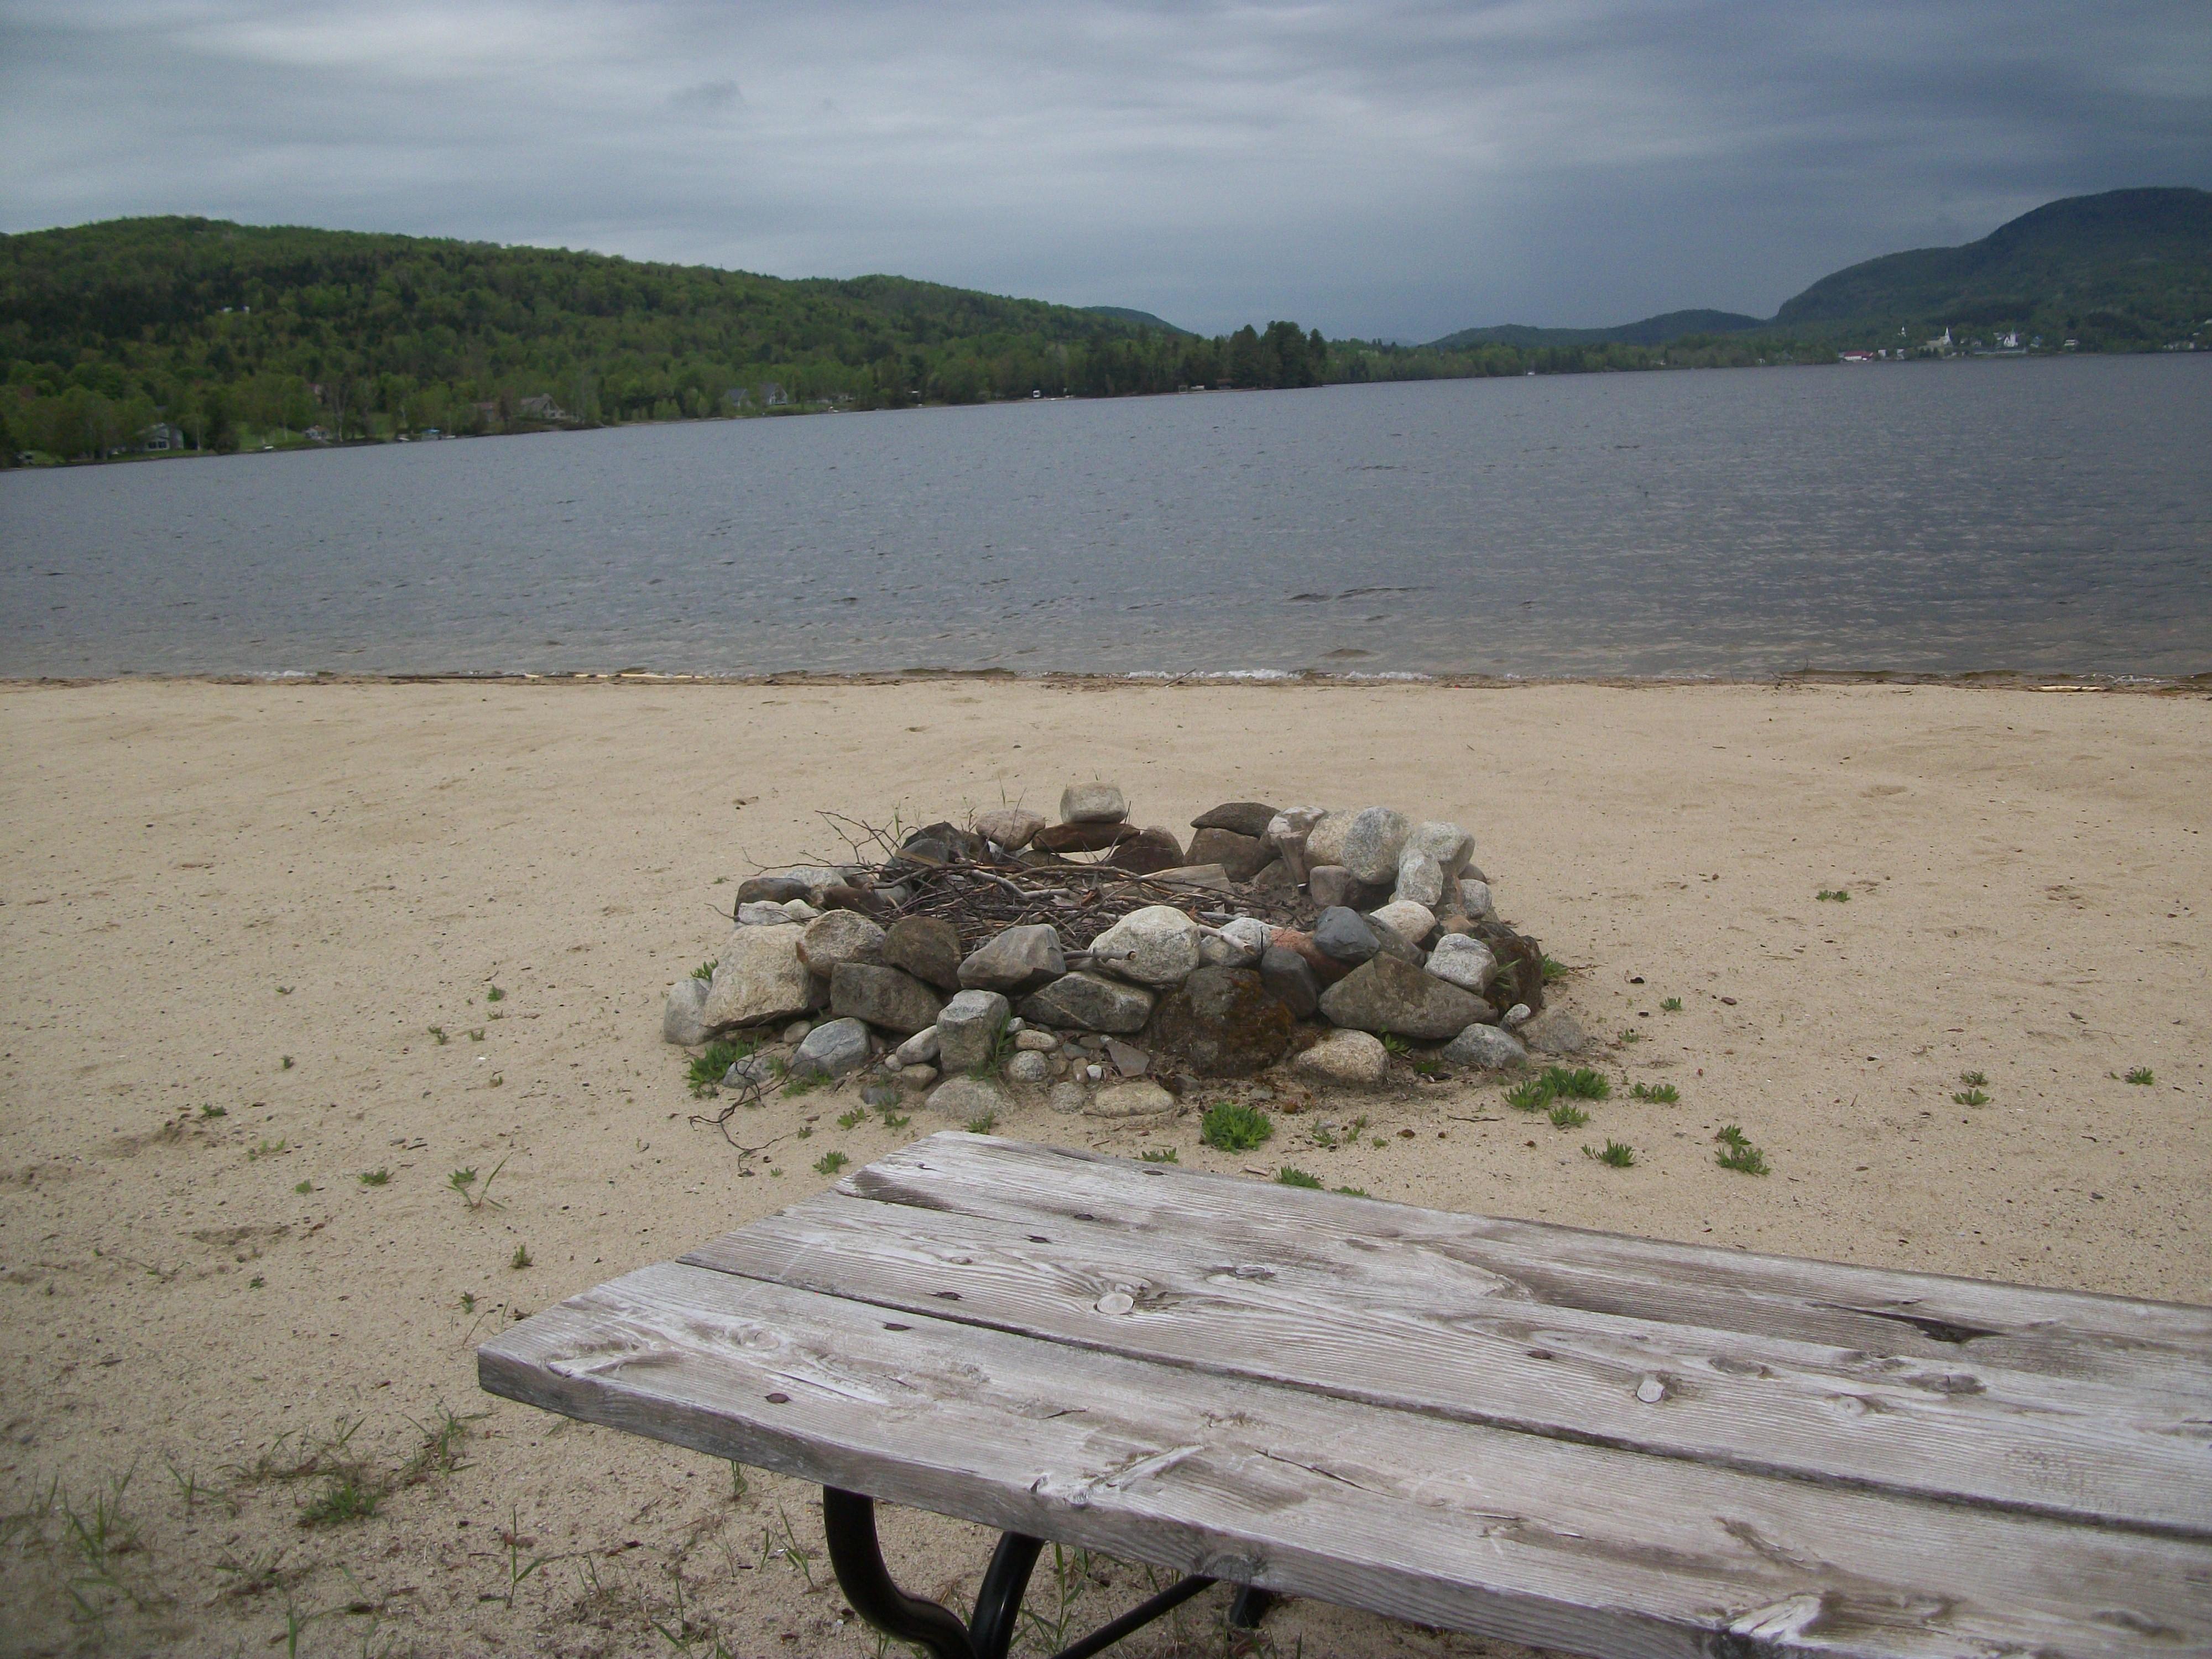 Island Pond Vermont Vacation Rentals